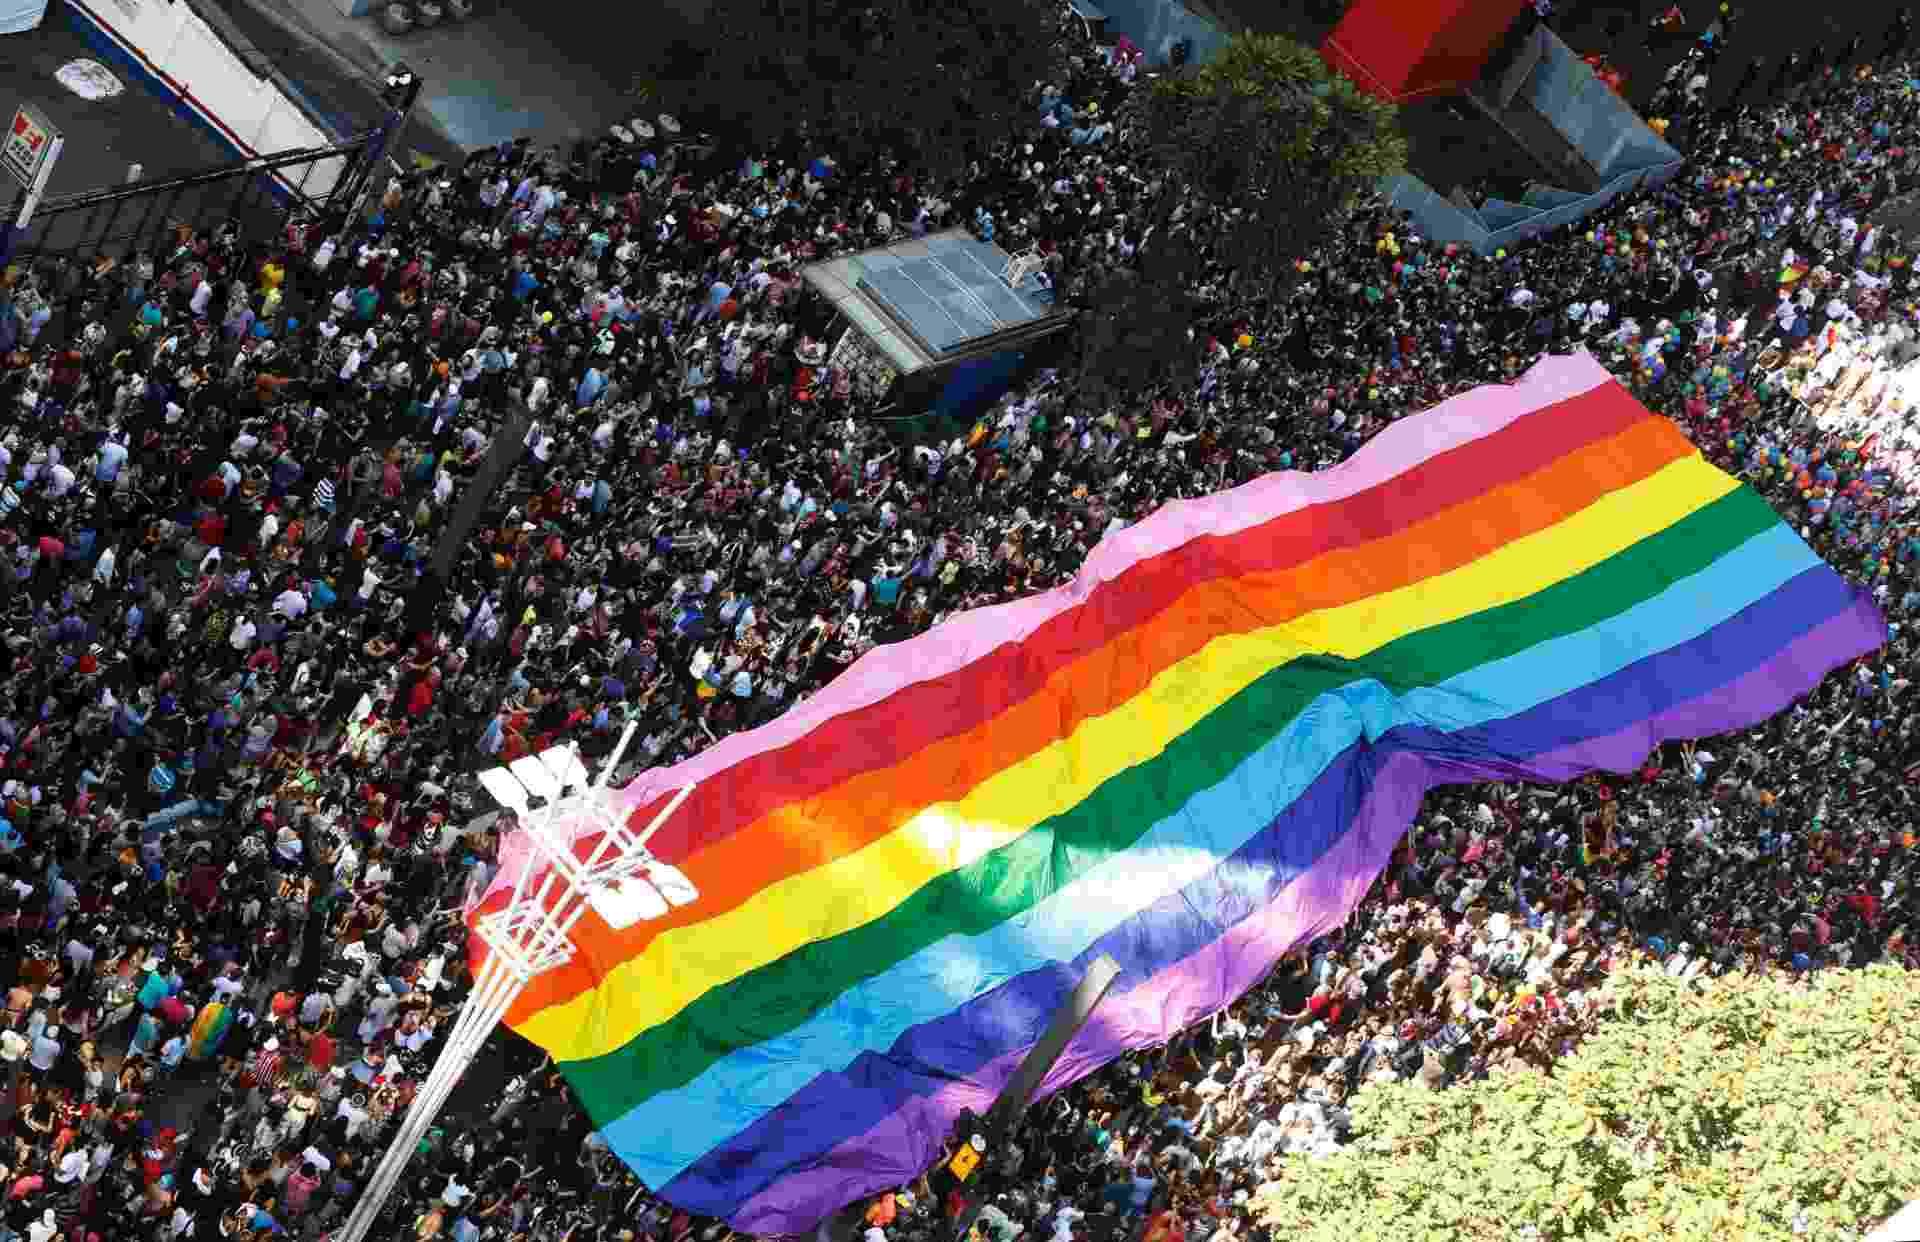 """18.jun.2017 - Com a temática da defesa do Estado laico, críticas à atuação da bancada evangélica no Congresso e apoio às """"Diretas Já"""", a 21ª Parada do Orgulho LGBT de São Paulo atrai uma multidão para a avenida Paulista. A expectativa de público é de ao menos 2 milhões de pessoas - LEONARDO BENASSATTO/FRAMEPHOTO/ESTADÃO CONTEÚDO"""